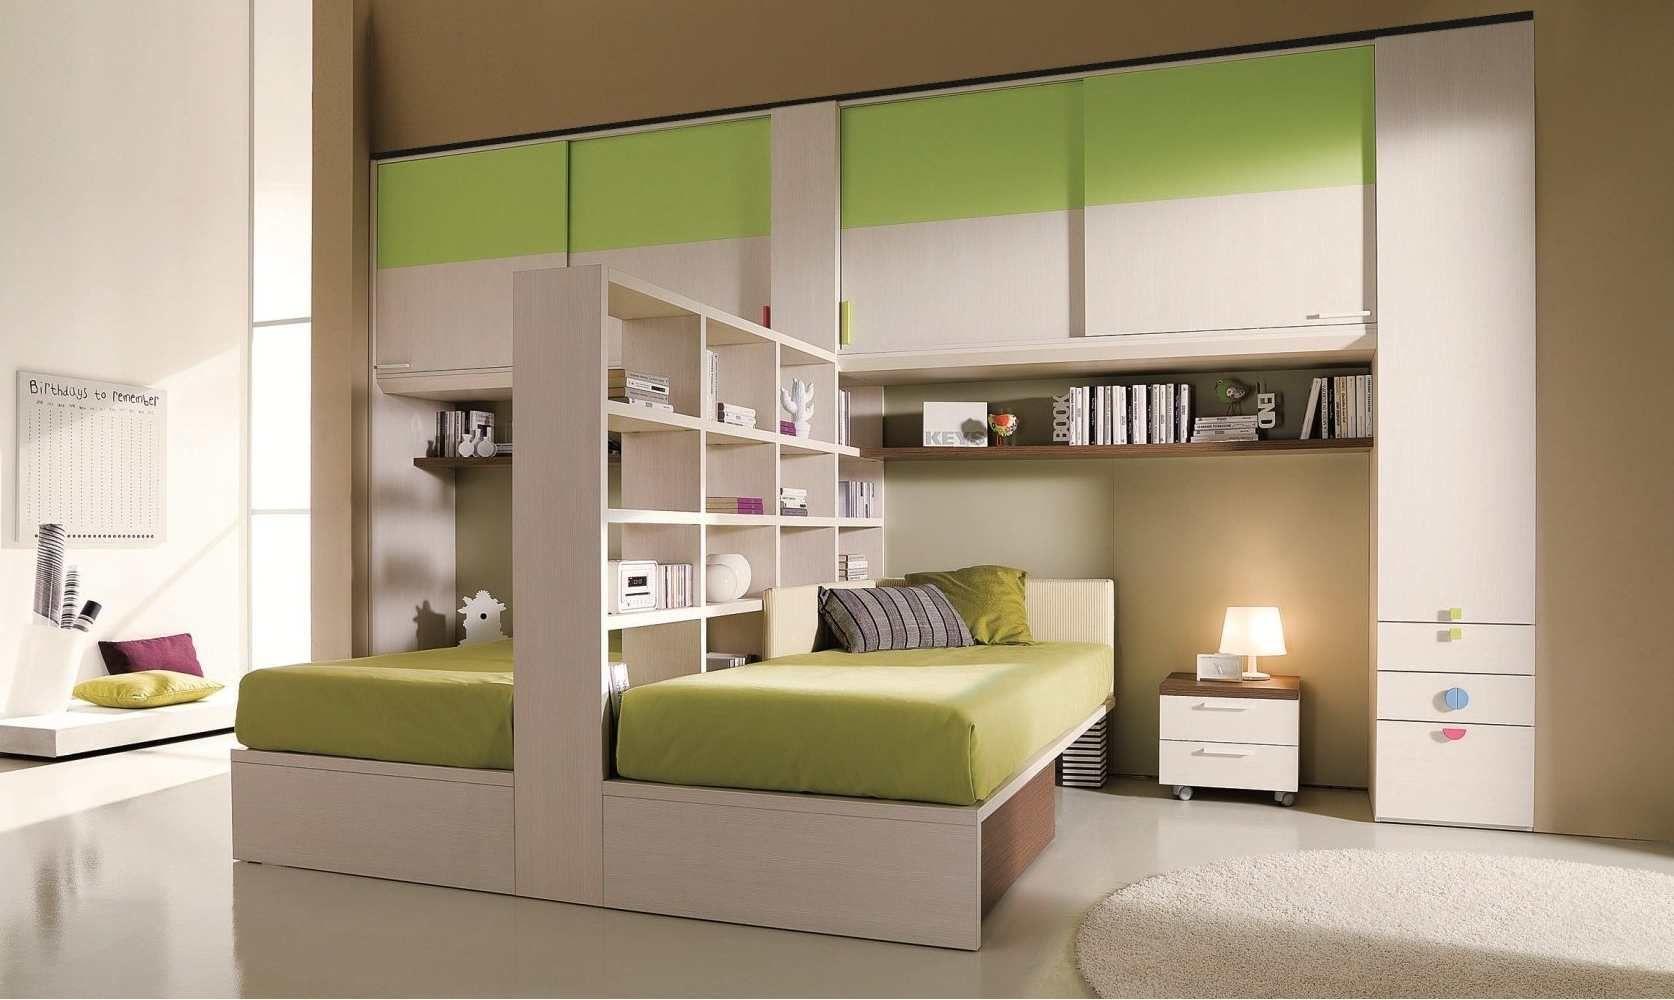 Aménagement d\'une chambre de jumeaux adolescents | Chambre ...